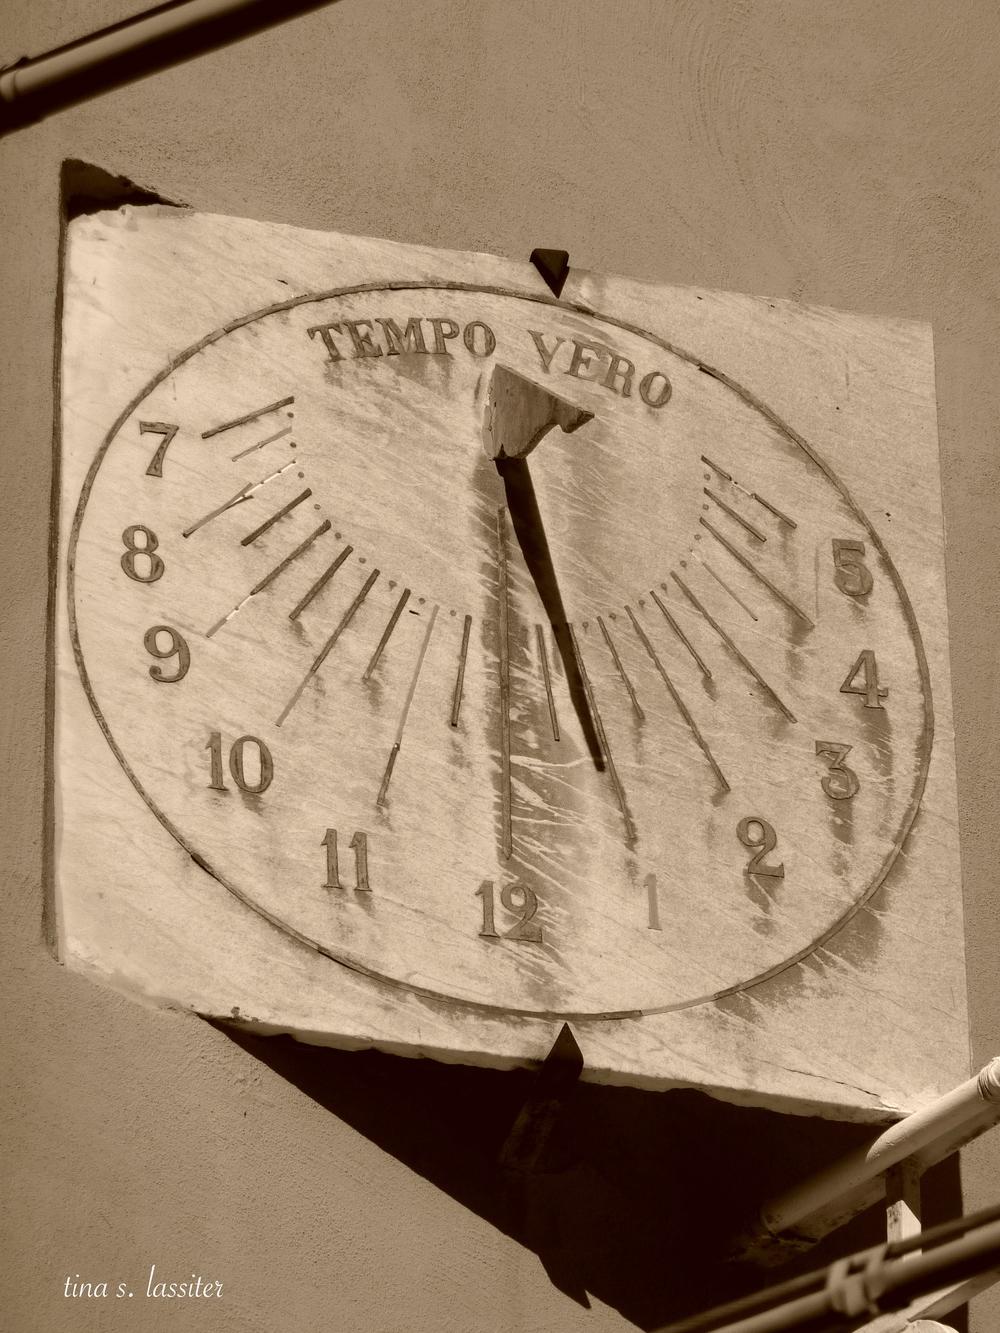 sundial in sorrento